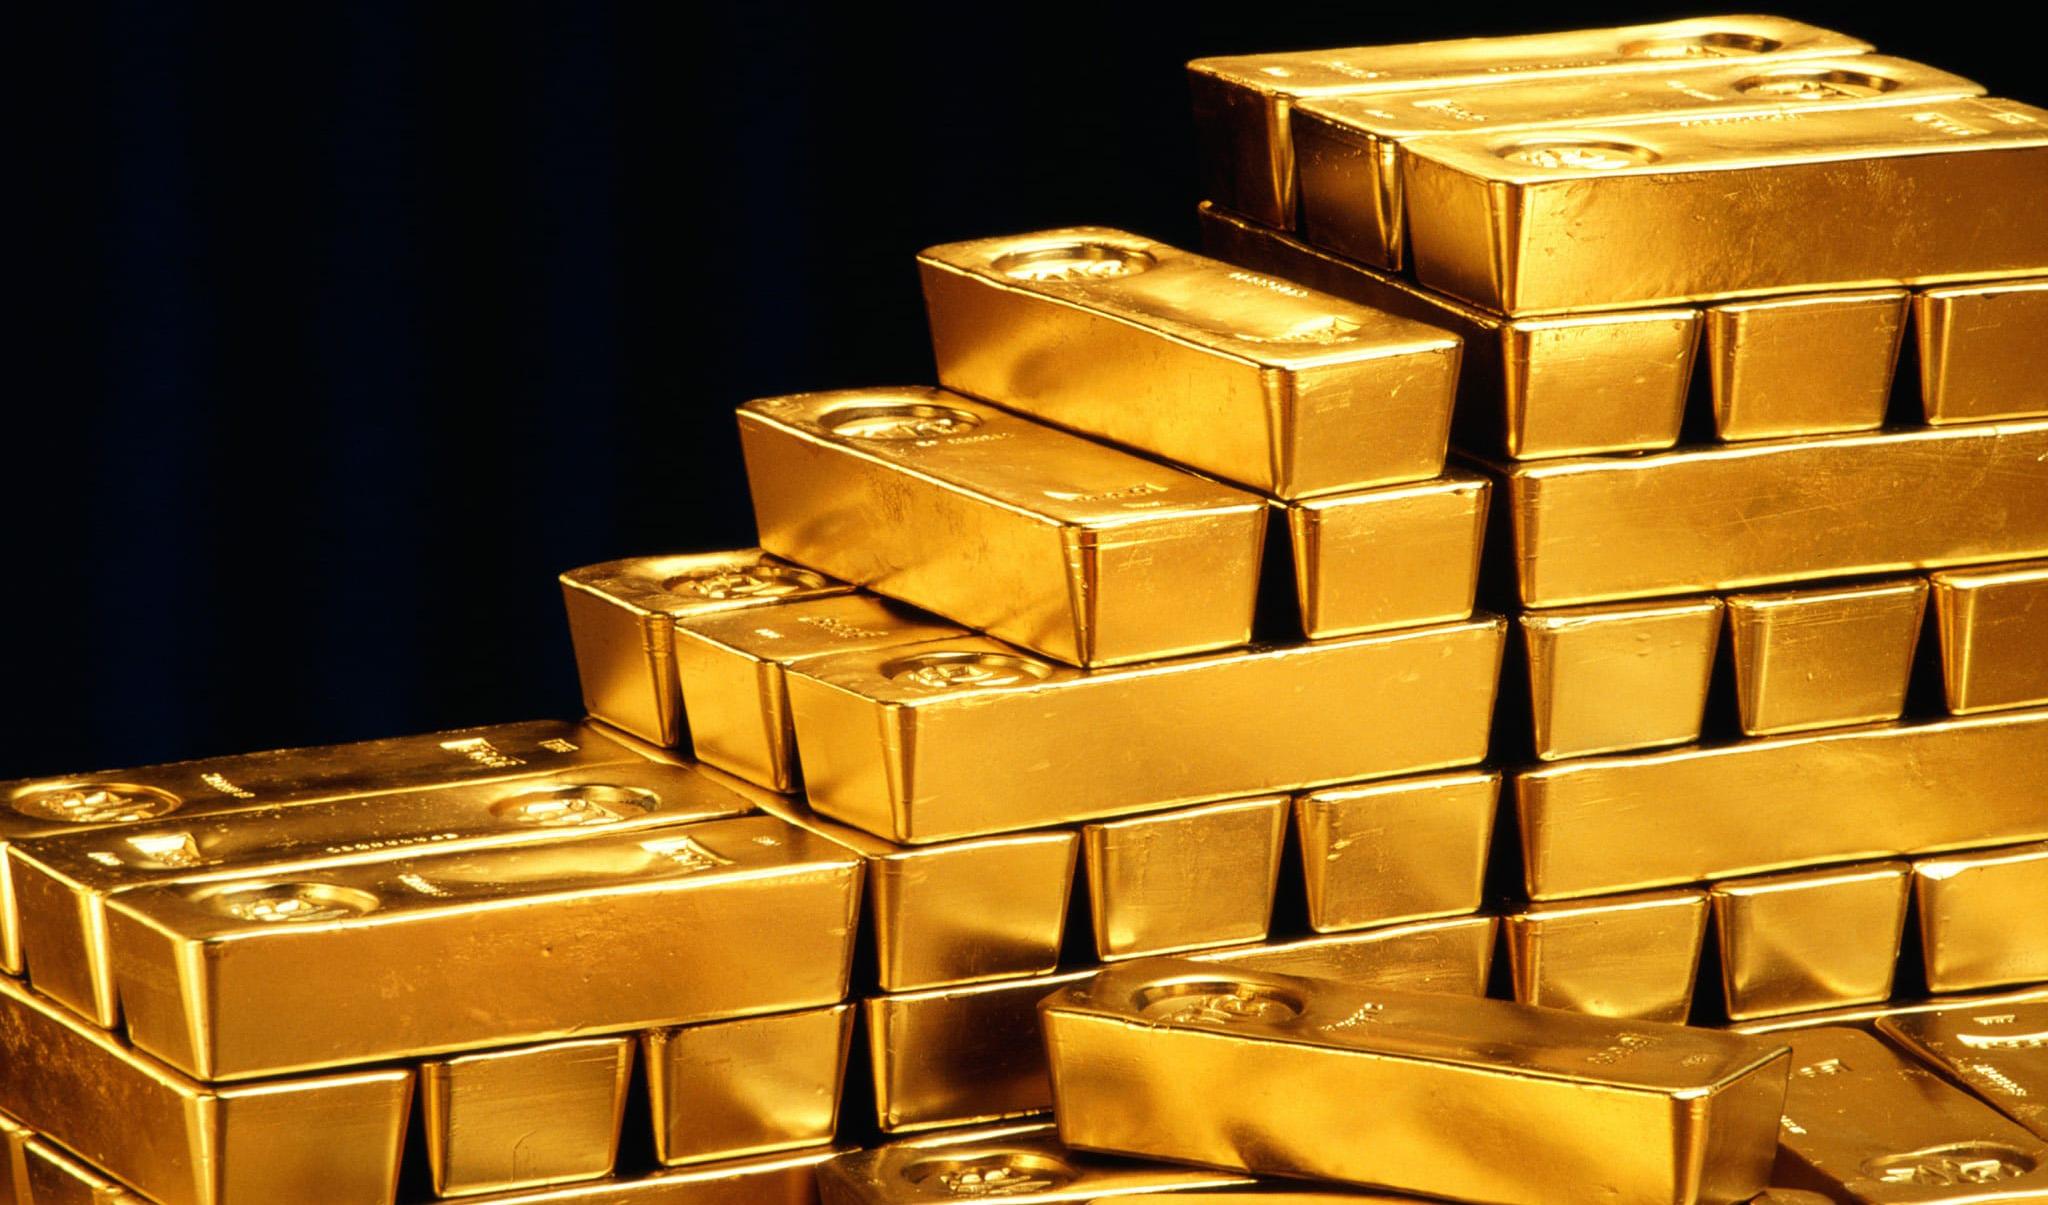 قیمت طلا هفته جاری بالاتر میرود